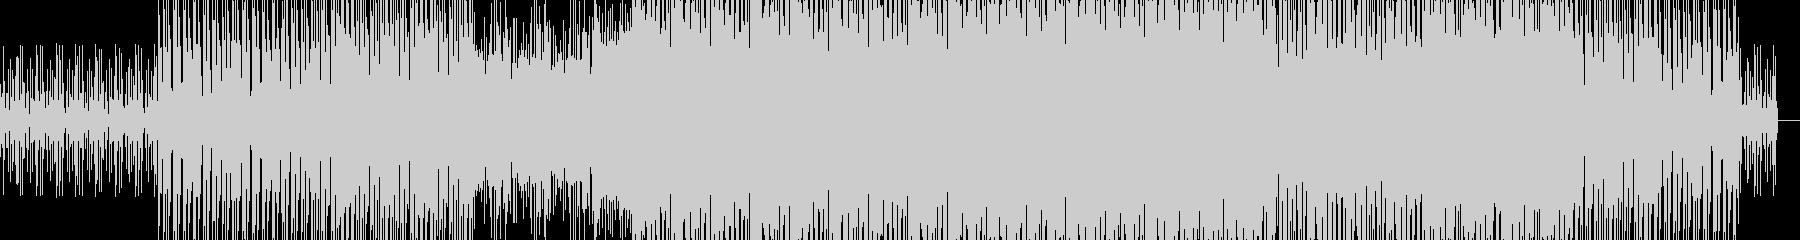 グルーヴ、ループ、シンセ、エレクト...の未再生の波形